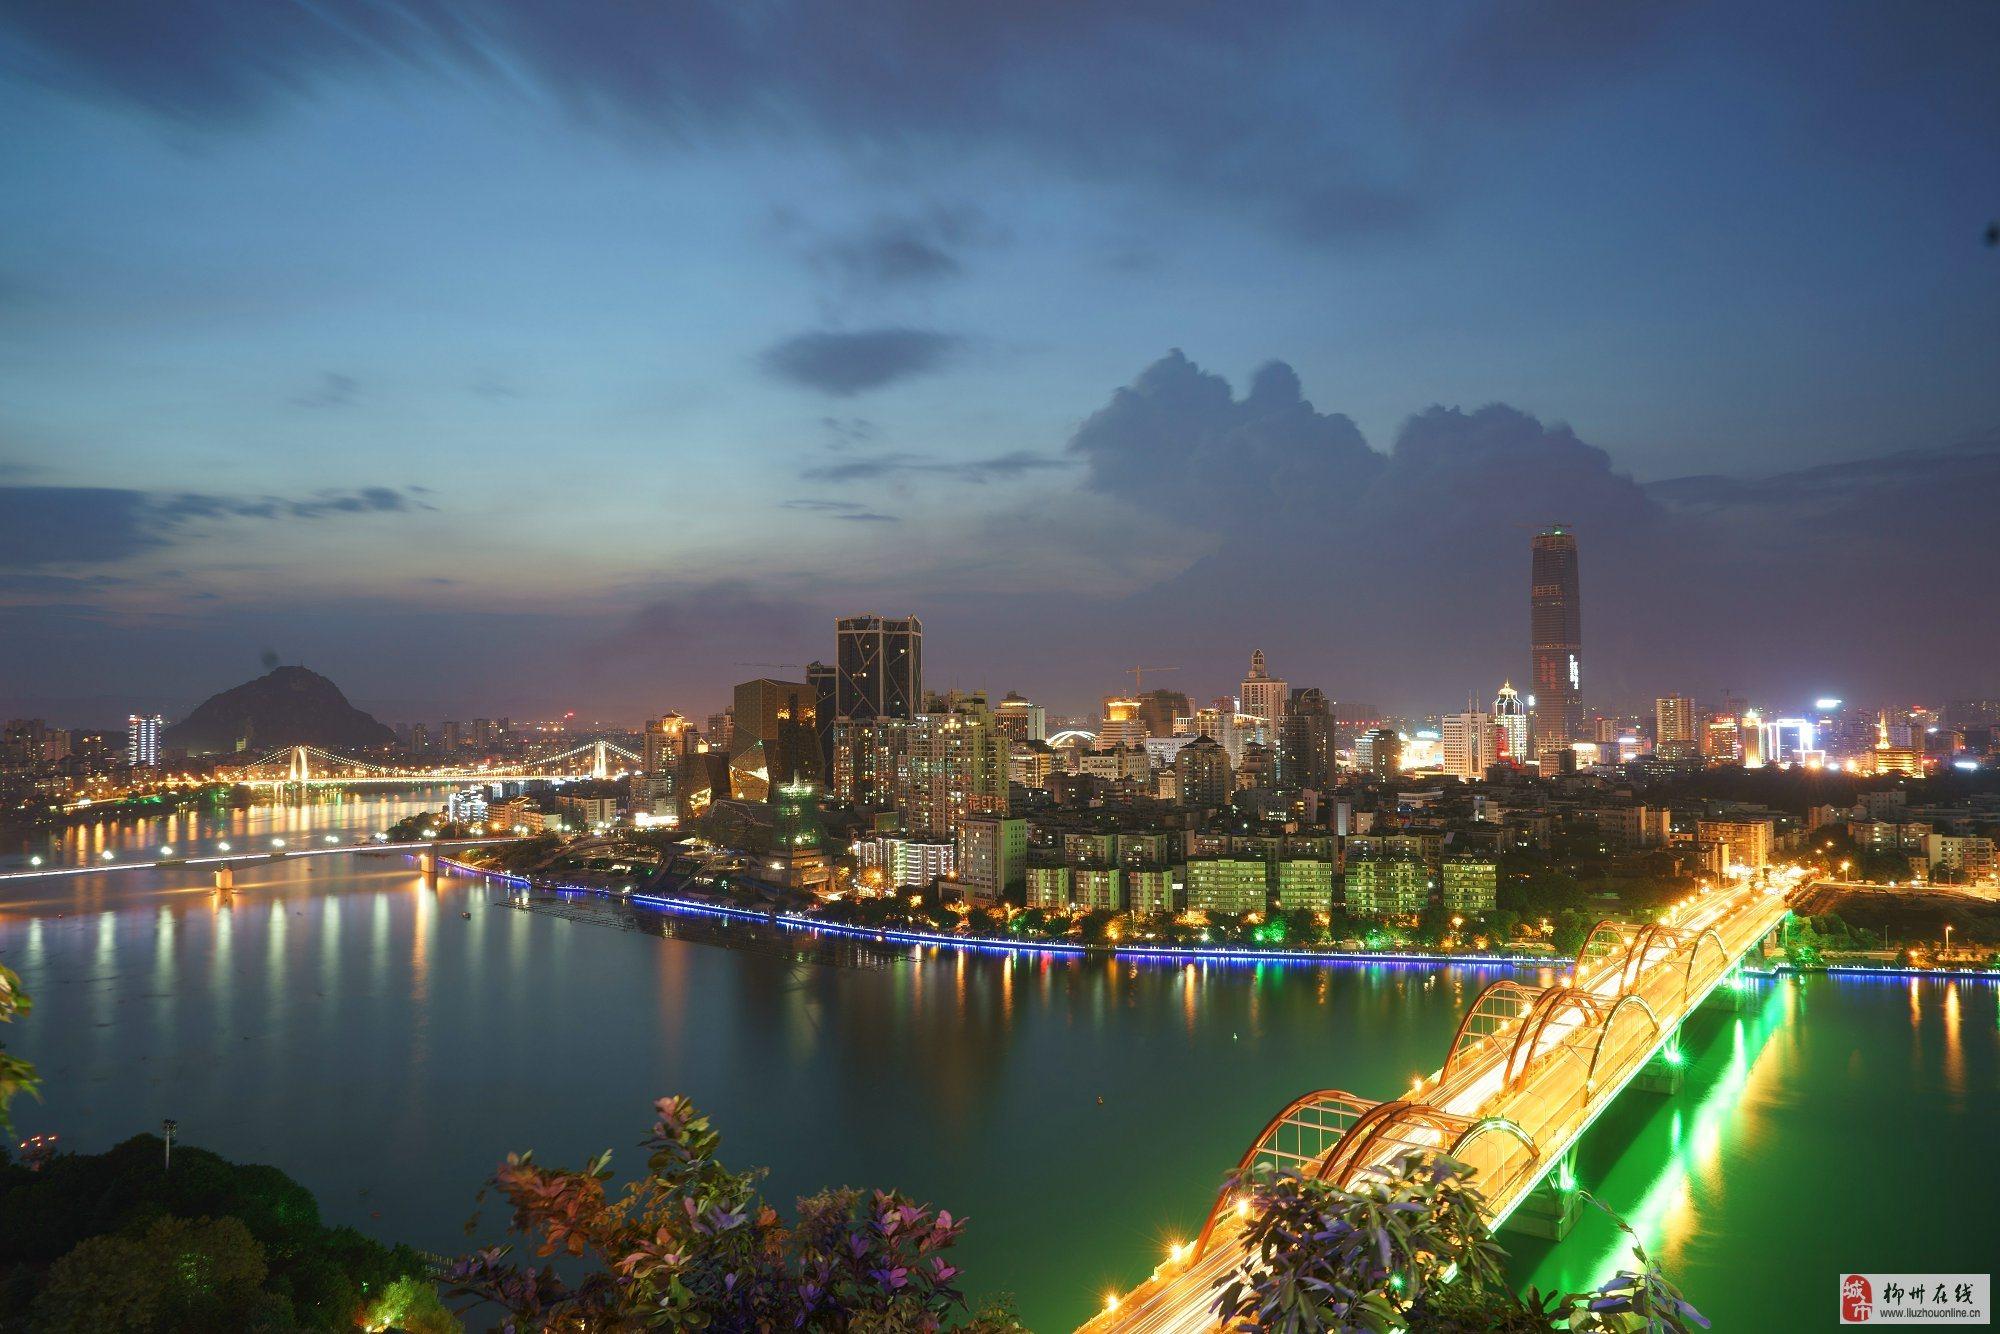 柳州市风景太美了